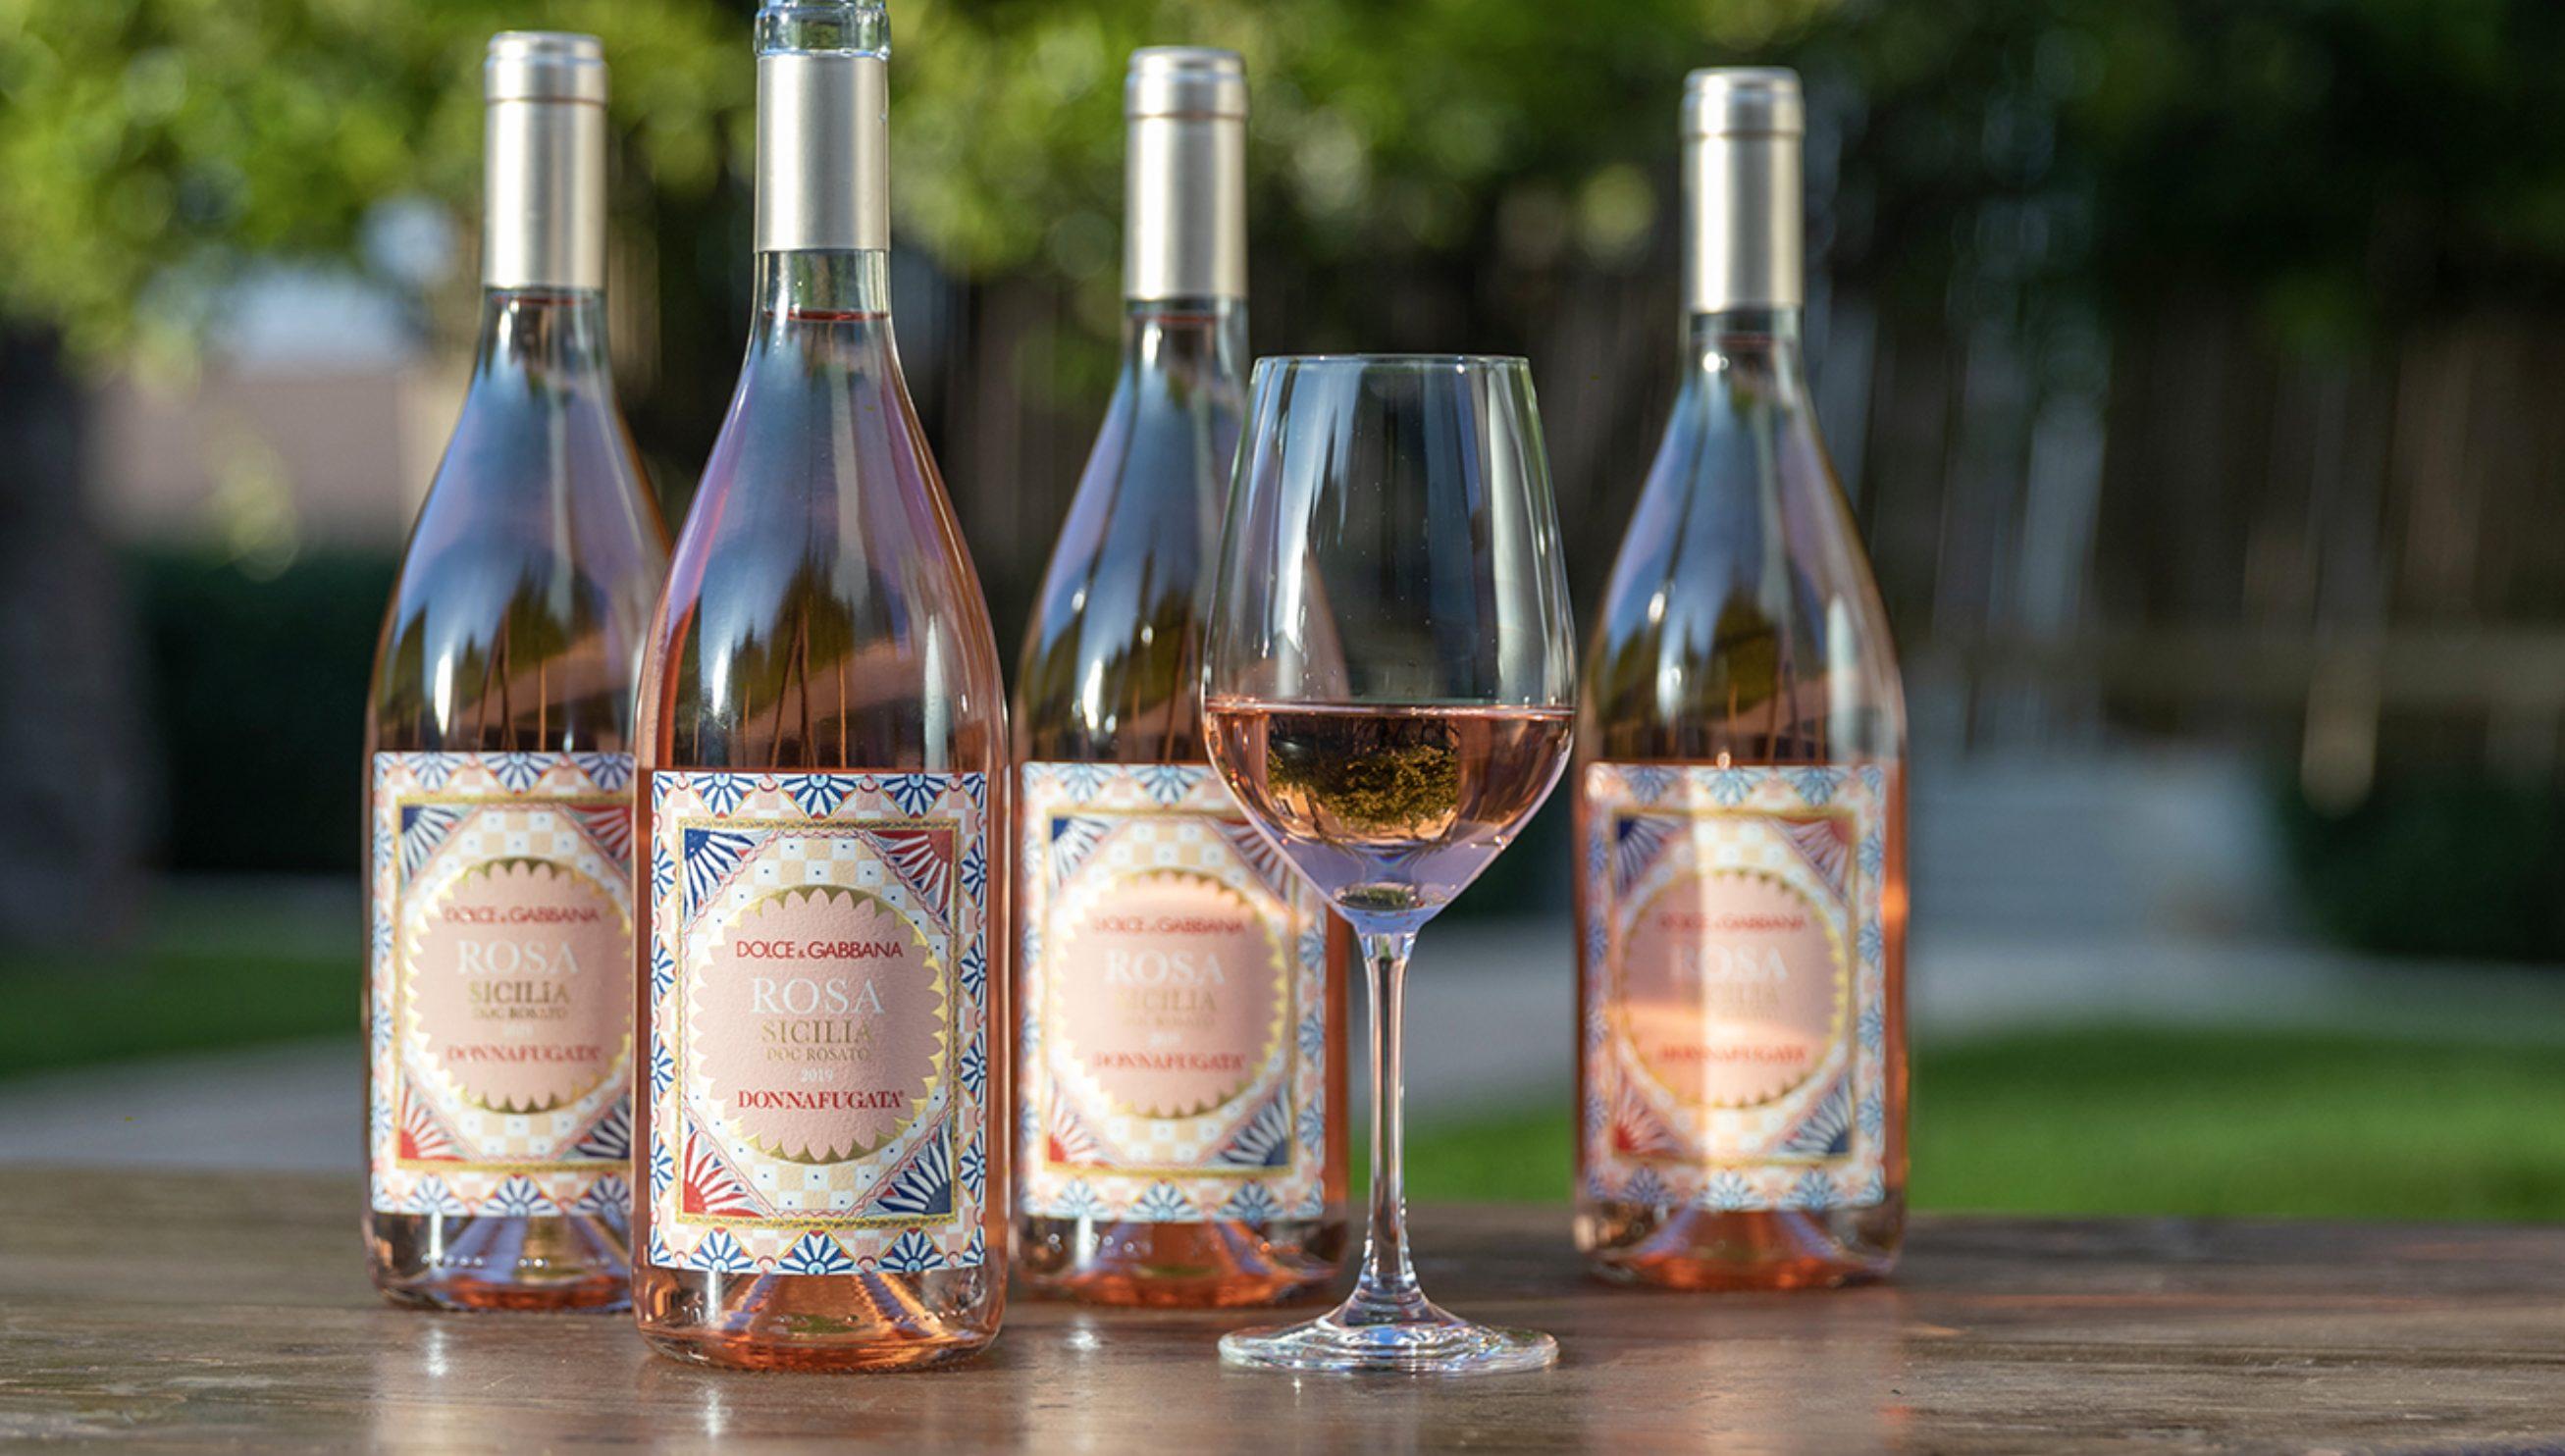 Dolce & Gabbana e Donnafugata producono insieme un vino rosato